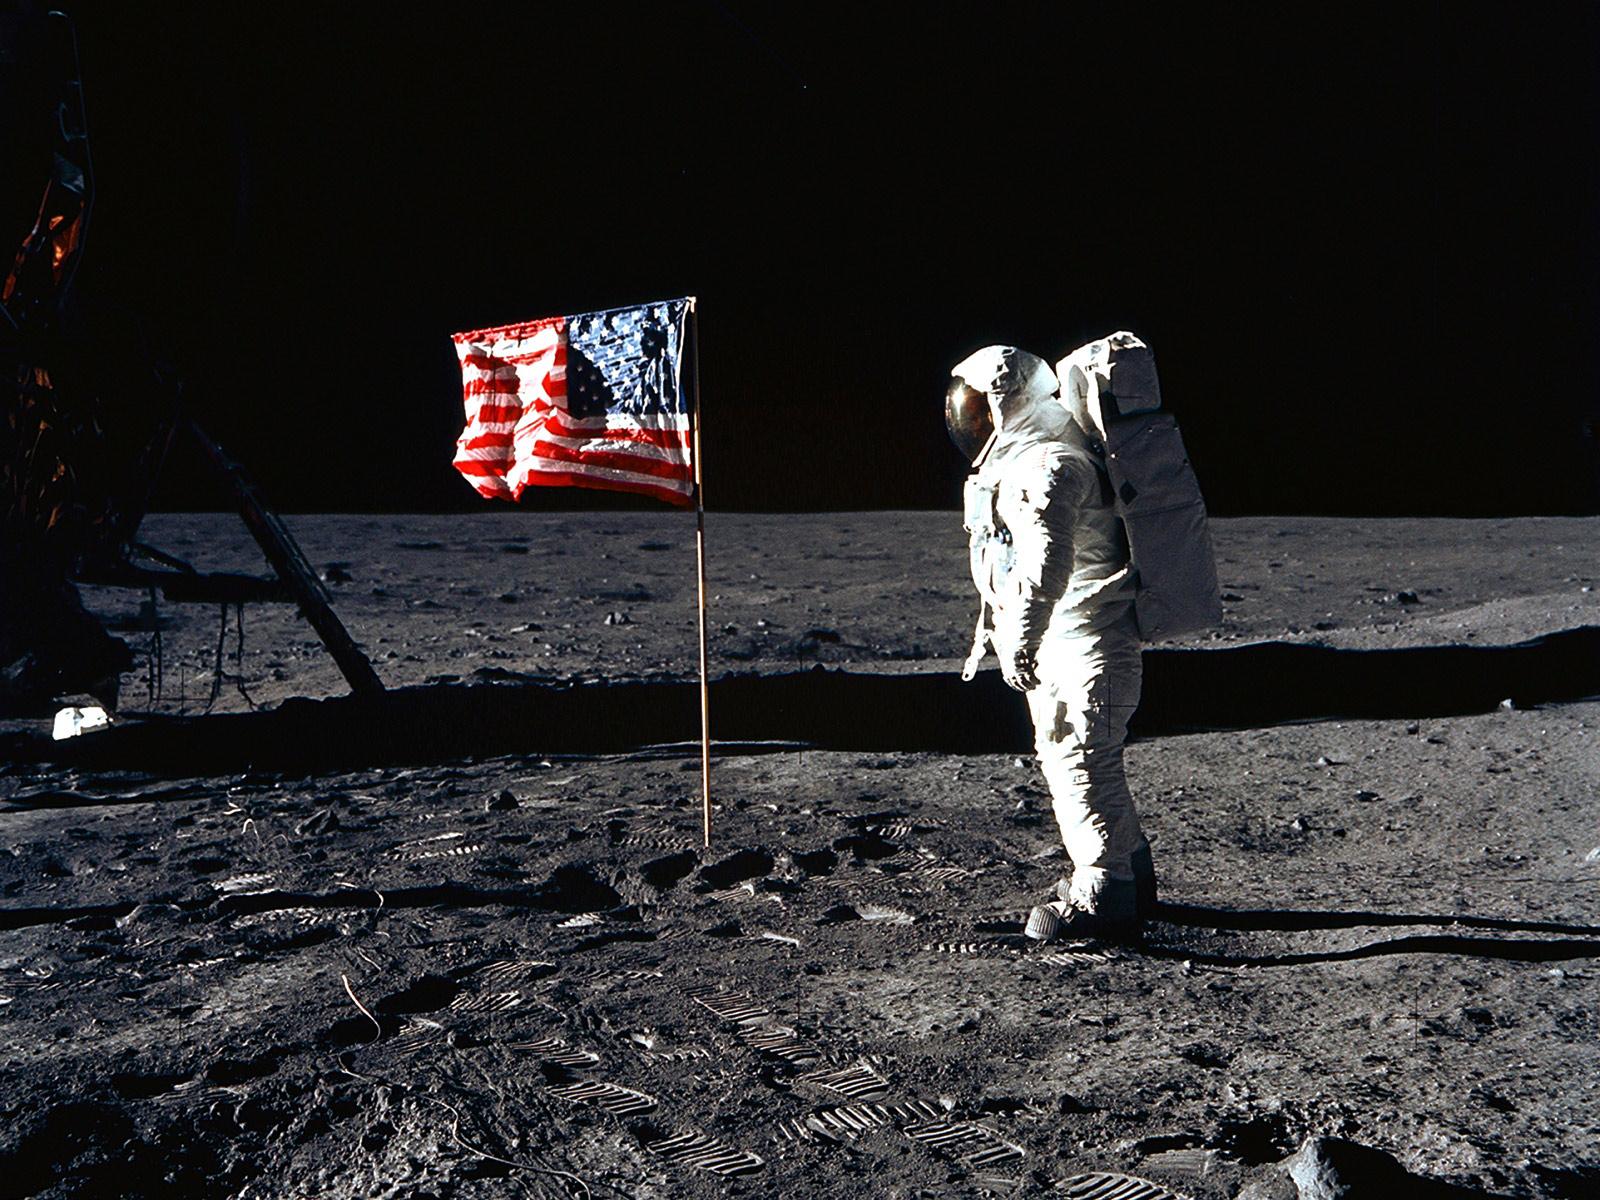 باز آلدرین در کنار پرچم | اشتباهی که انجام دادن، نصب بیش از حد نزدیک پرچم به ماژول فرود بود که باعث شد لحظهی برخاست مجدّد از سطح ماه، پرچم واژگون بشه. توی مأموریتهای بعدی، پرچم رو توی فاصلهی ایمنتری نصب کردند.